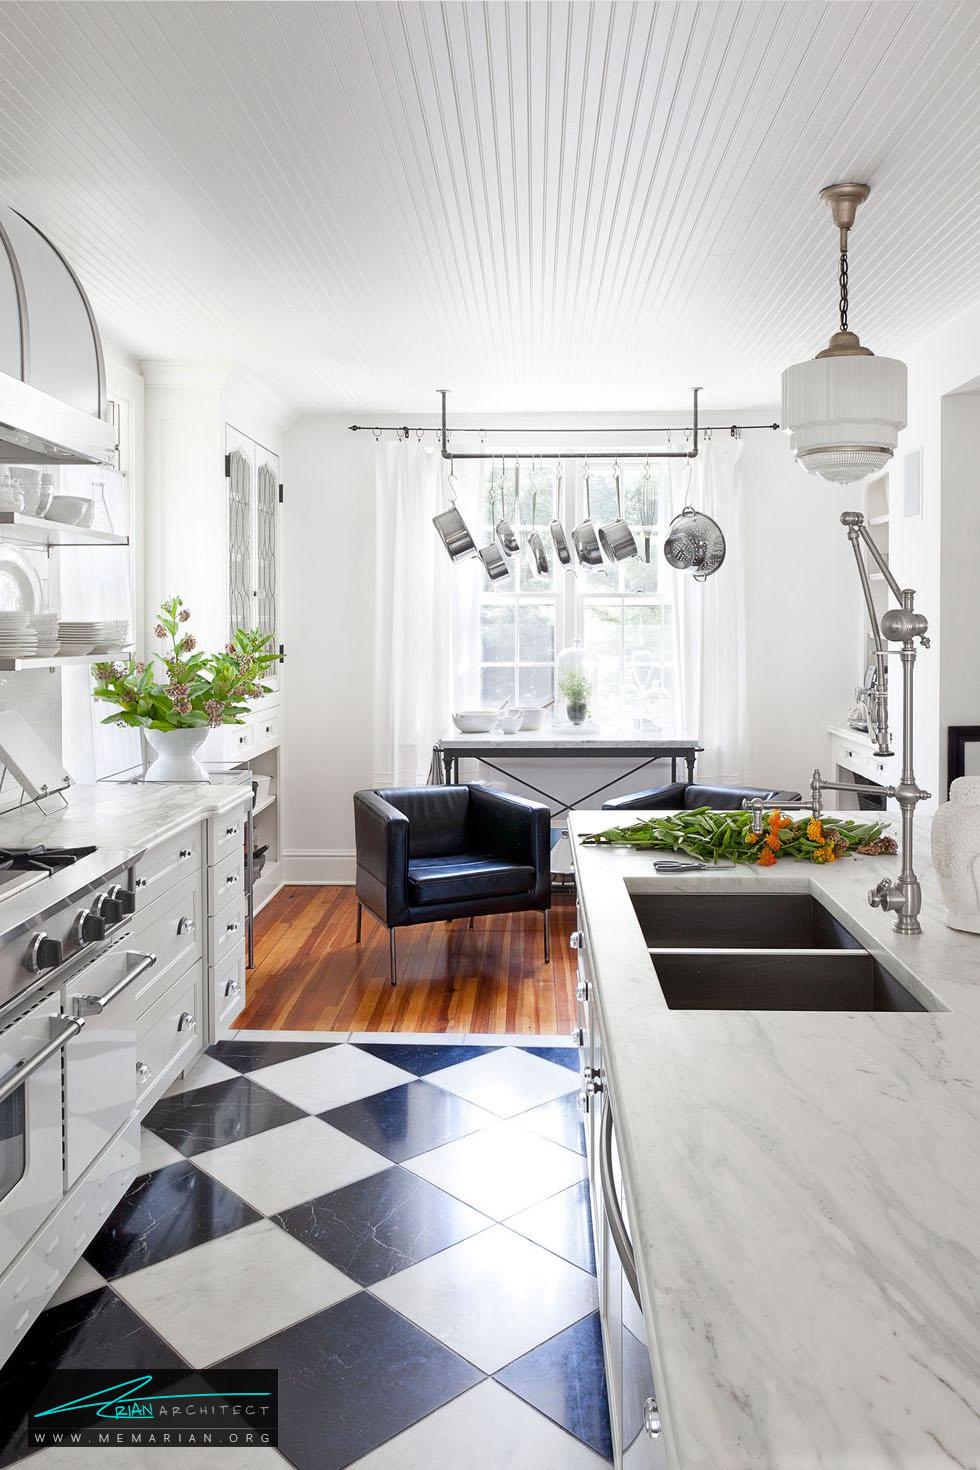 قفسه آهنی ساده - 20 ایده جذاب برای دکوراسیون آشپزخانه